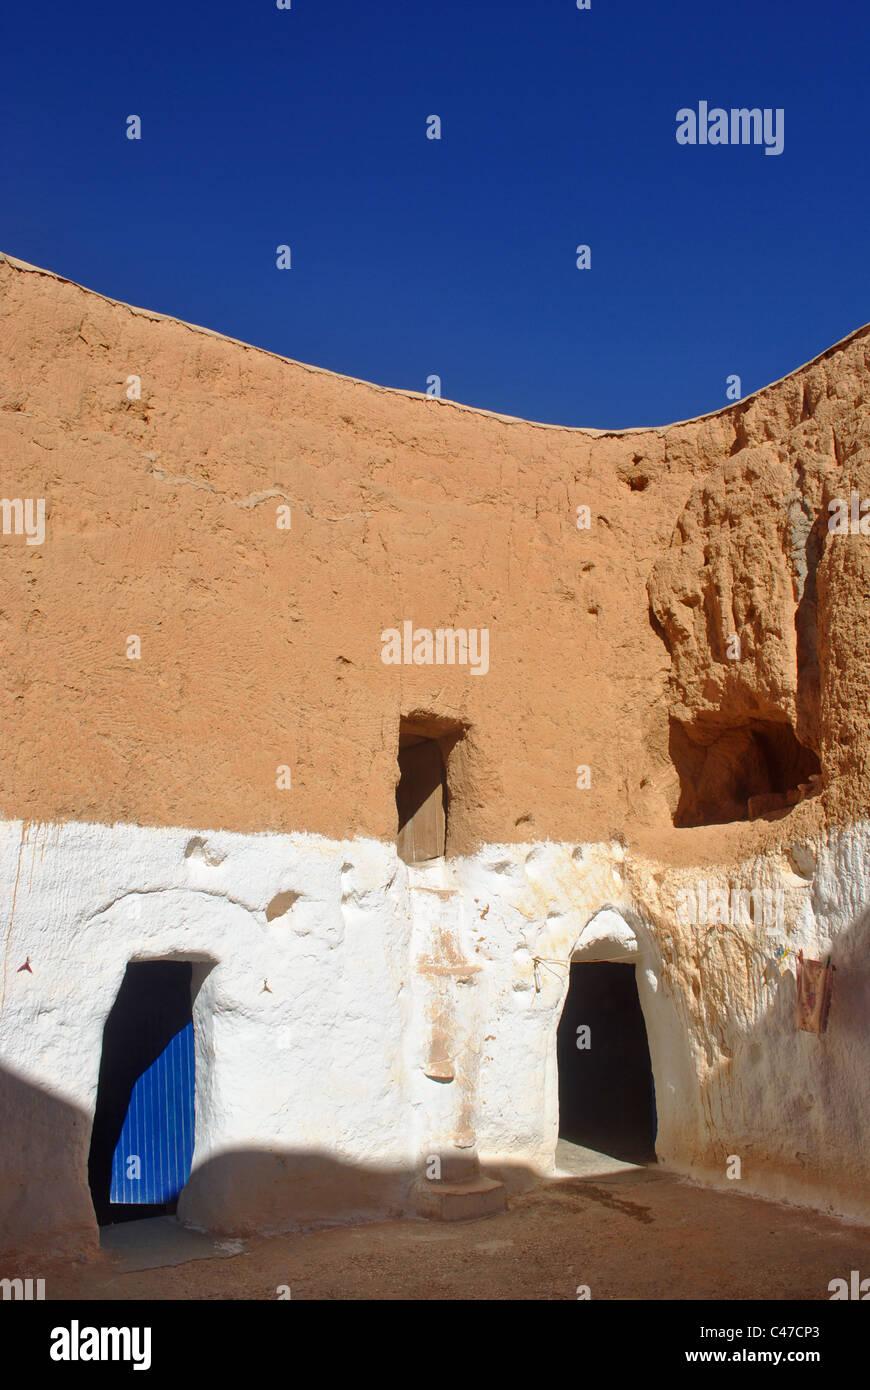 Troglodyte pit dwelling near Matmata, Tunisia - Stock Image